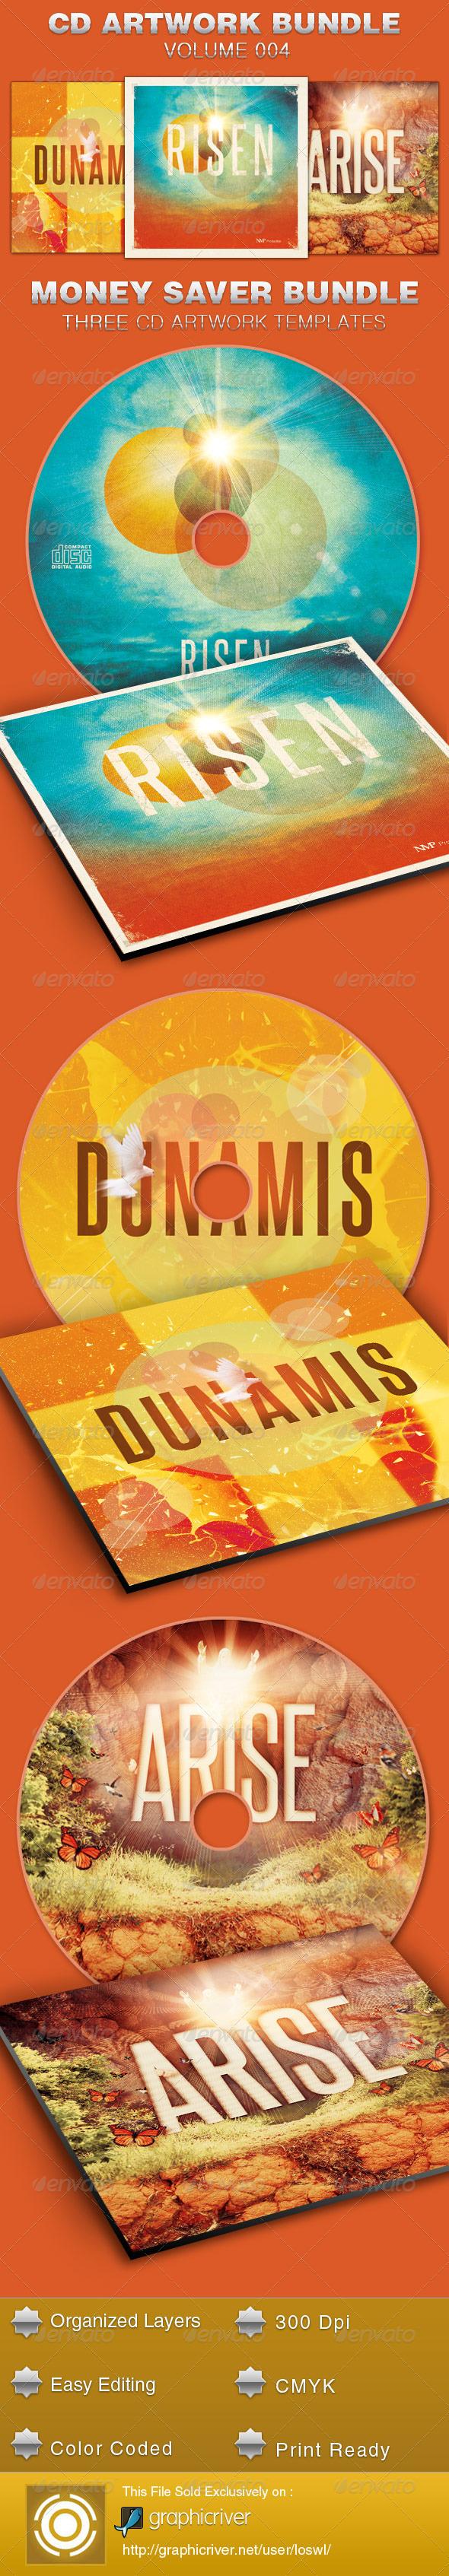 CD Cover Artwork Bundle-Vol 004 - CD & DVD Artwork Print Templates